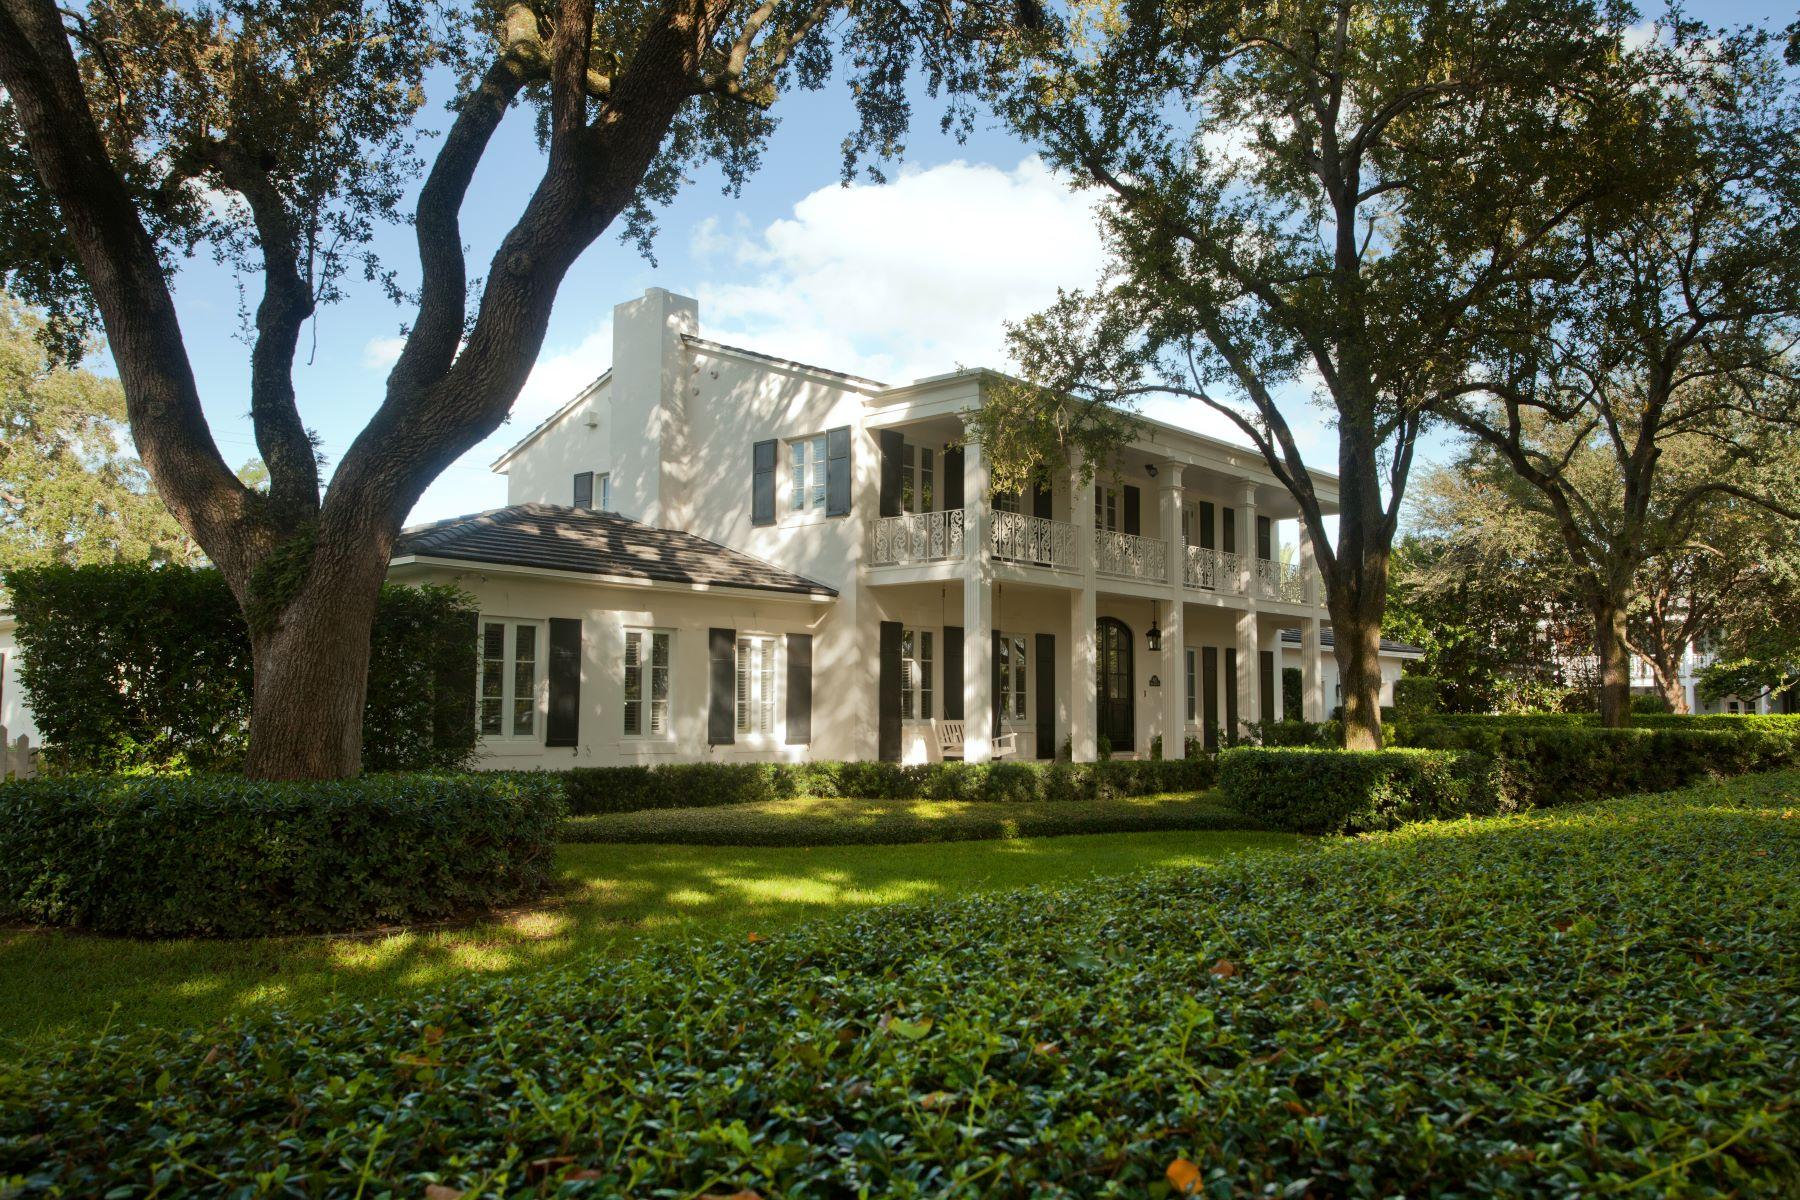 Maison unifamiliale pour l Vente à 4412 Santa Maria Street Coral Gables, Florida, 33146 États-Unis